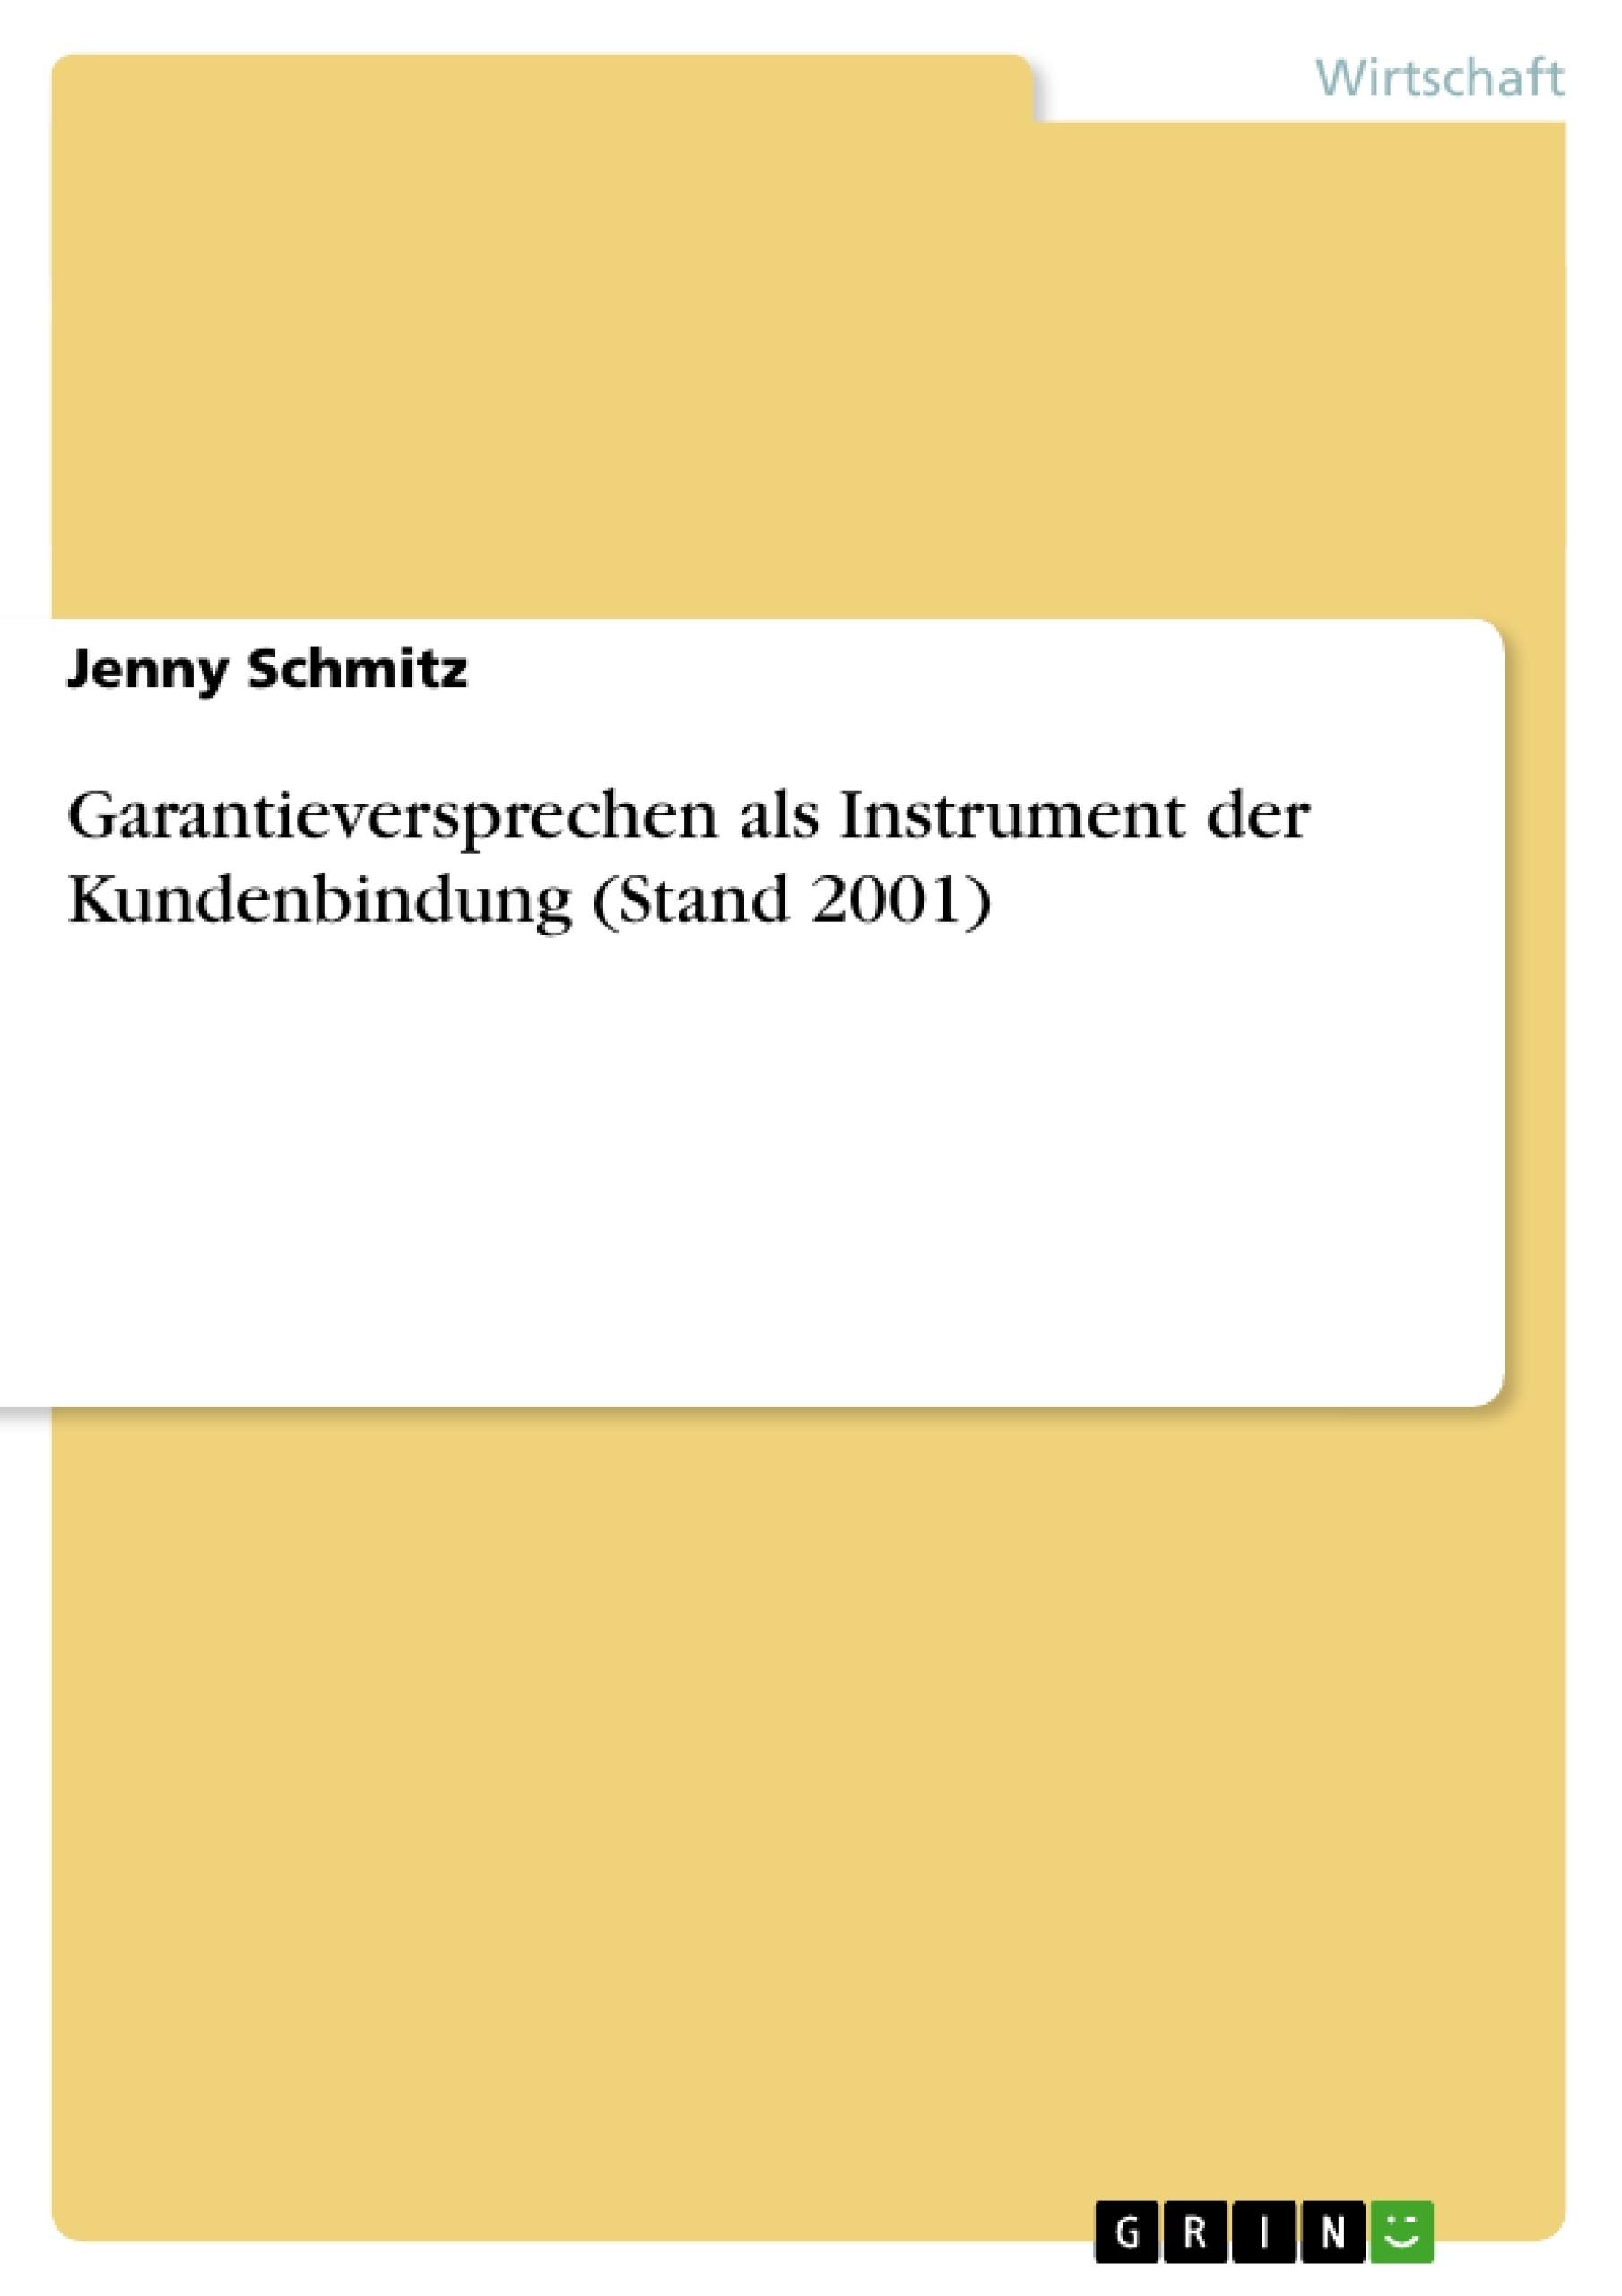 Titel: Garantieversprechen als Instrument der Kundenbindung (Stand 2001)